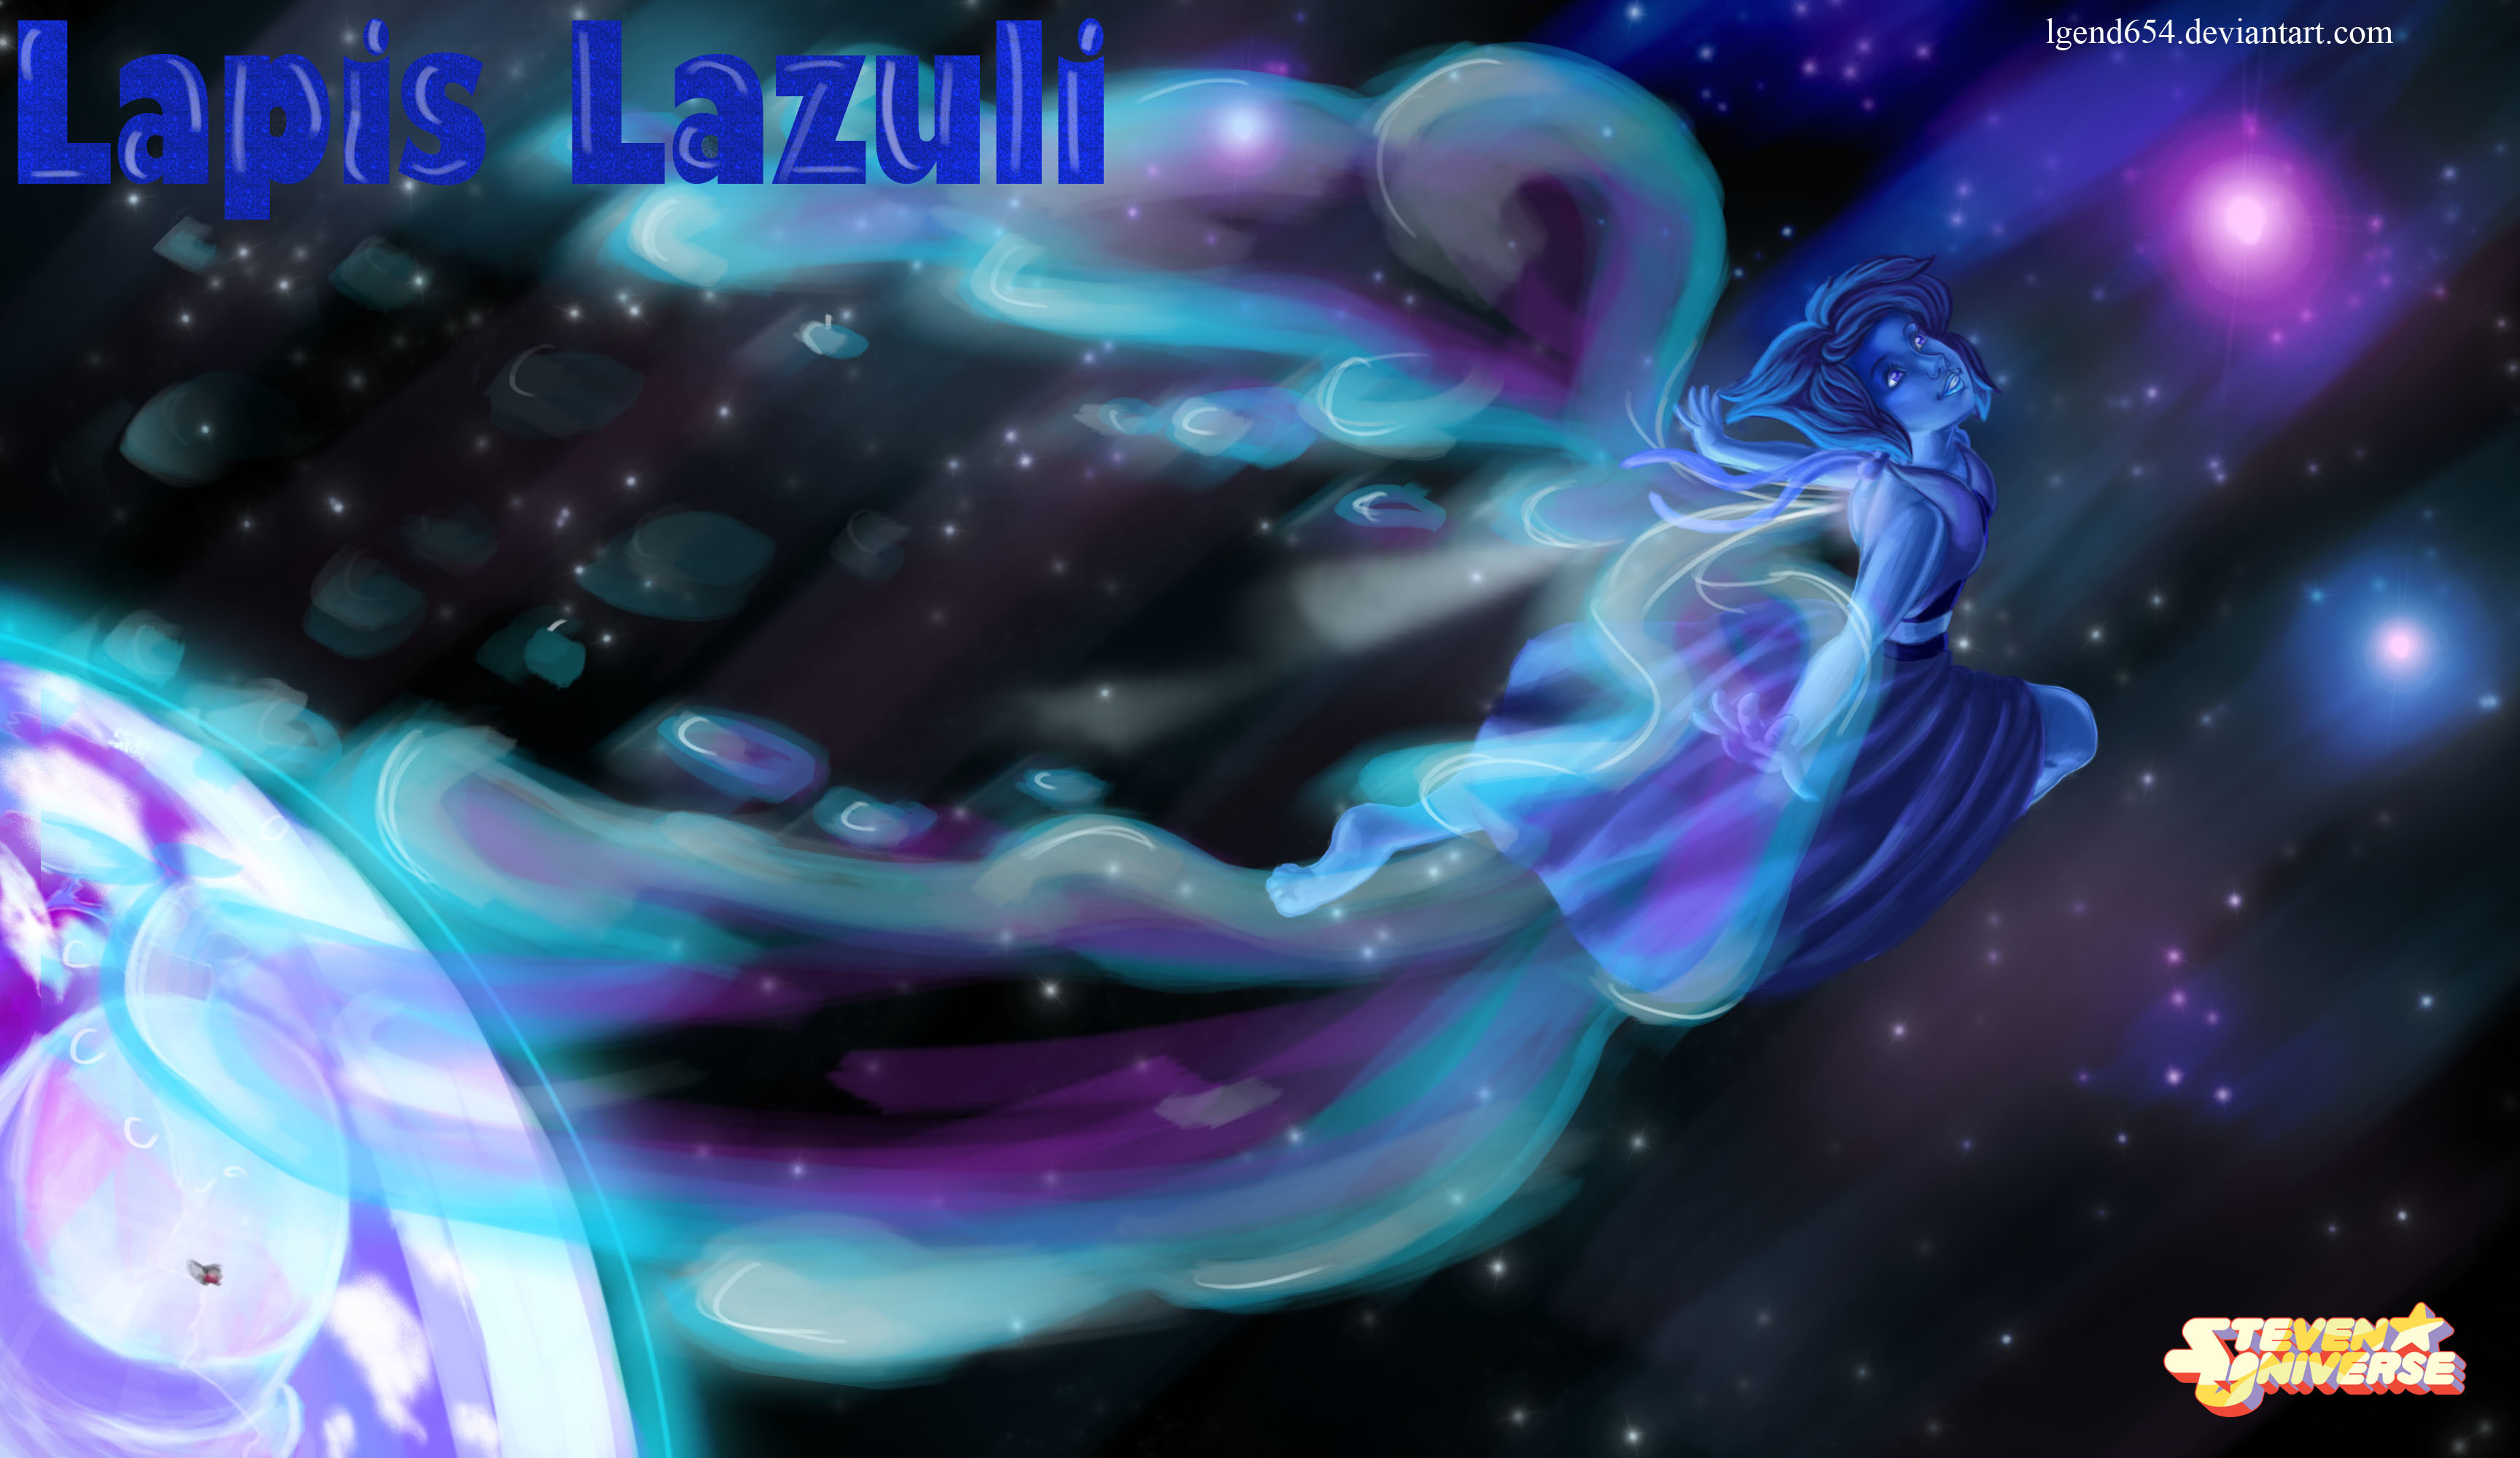 Steven Universe Wallpaper 1366x768 74 Images